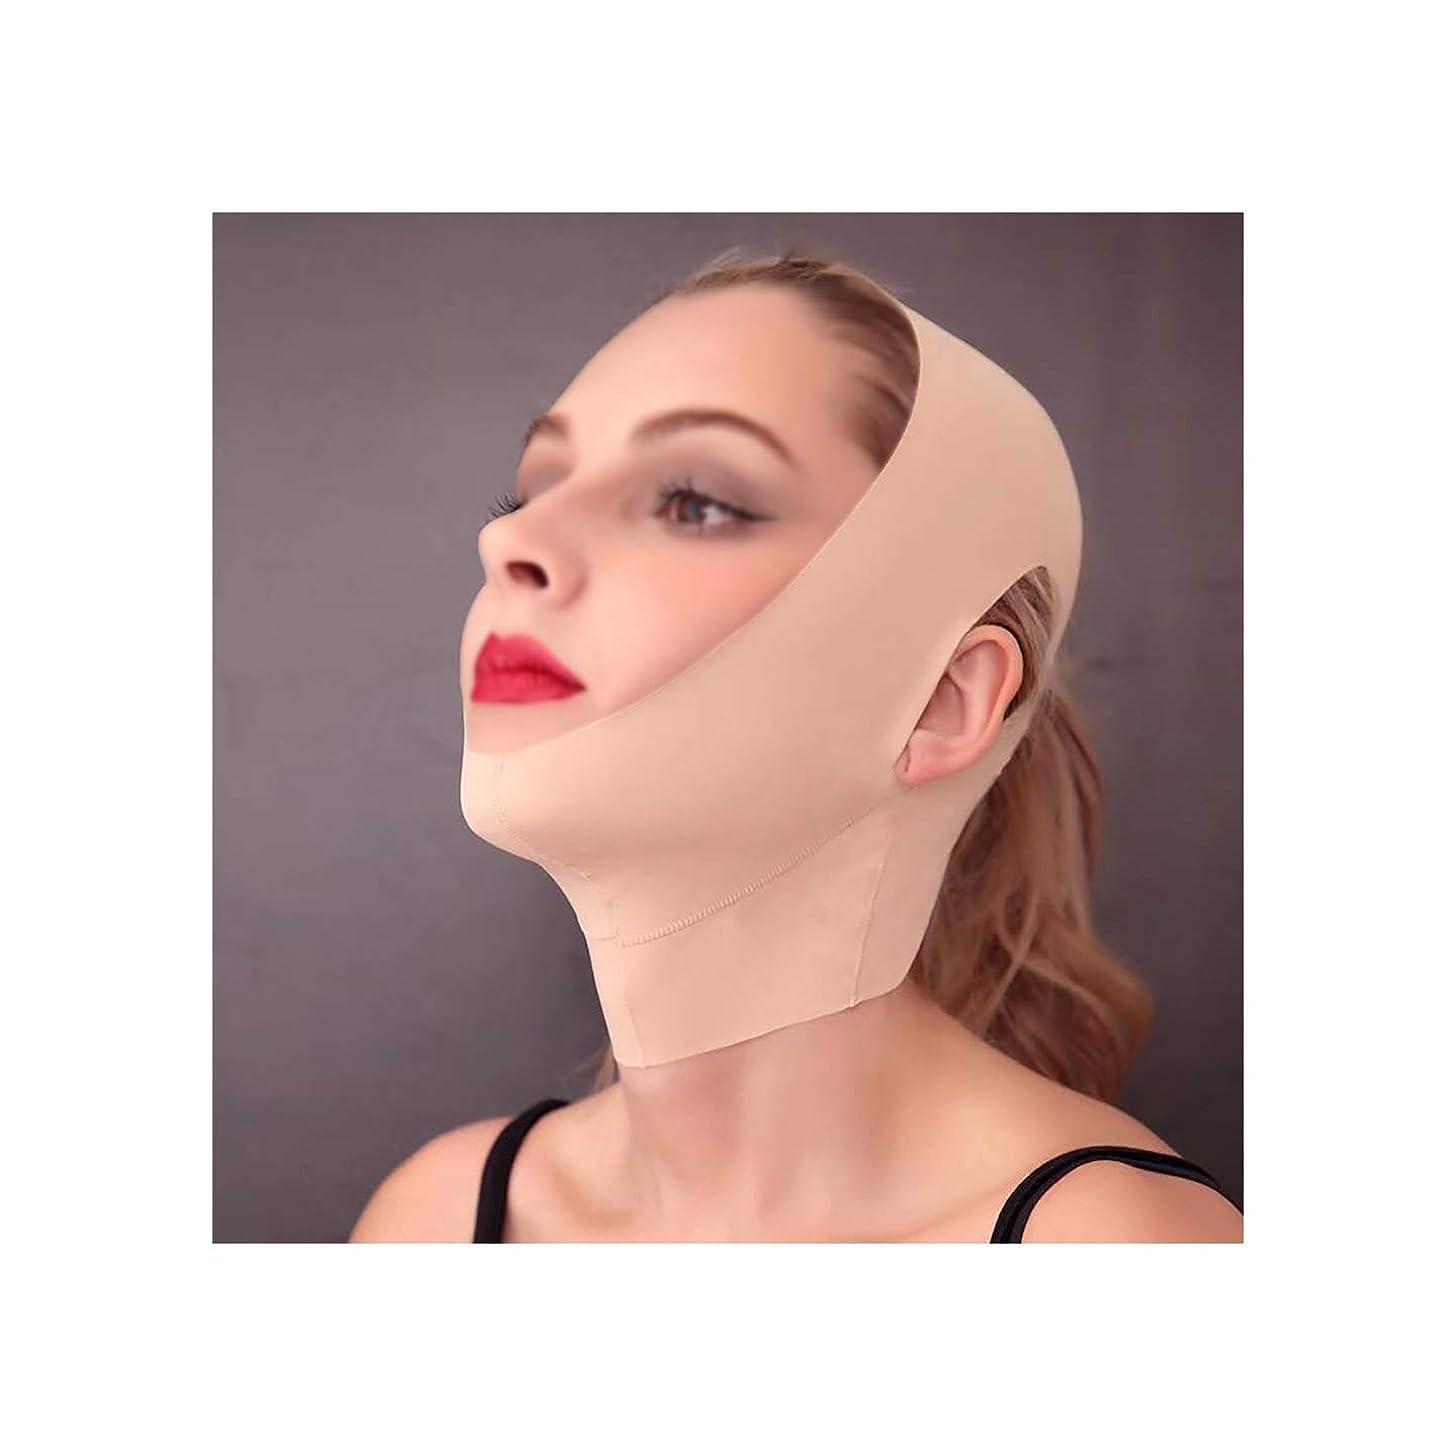 リース冷淡なクレーンフェイシャルマスク、フェイスリフティングアーティファクト女性男性の睡眠顔Vフェイス包帯マスクリフティングフェイス補正引き締め顔に二重あご痩身ベルト